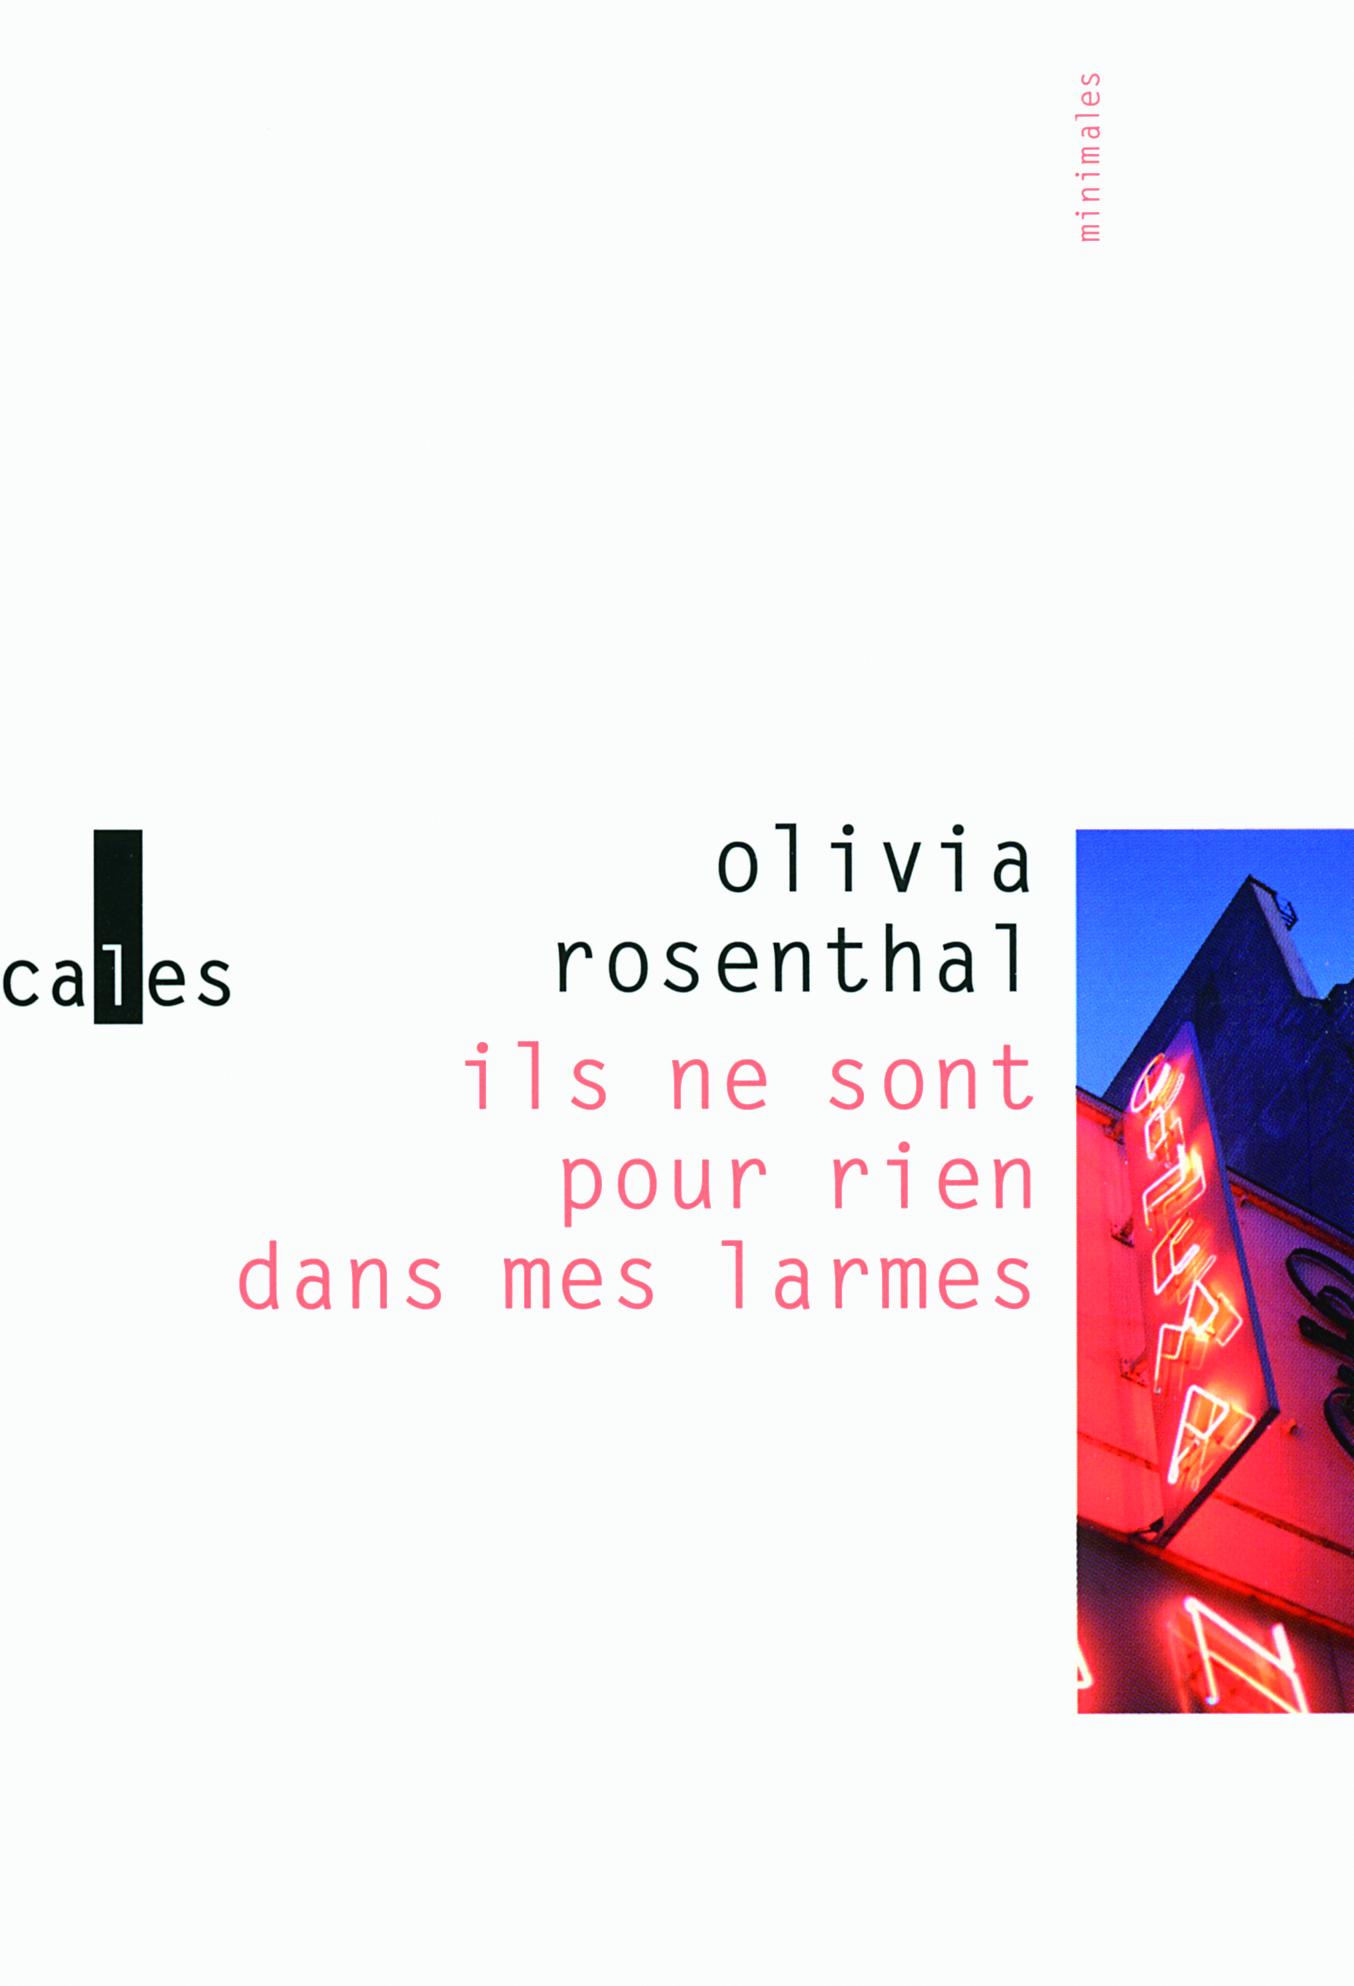 Couverture du livre d'Olivia ROSENTHAL. Ils ne sont pour rien dans mes larmes